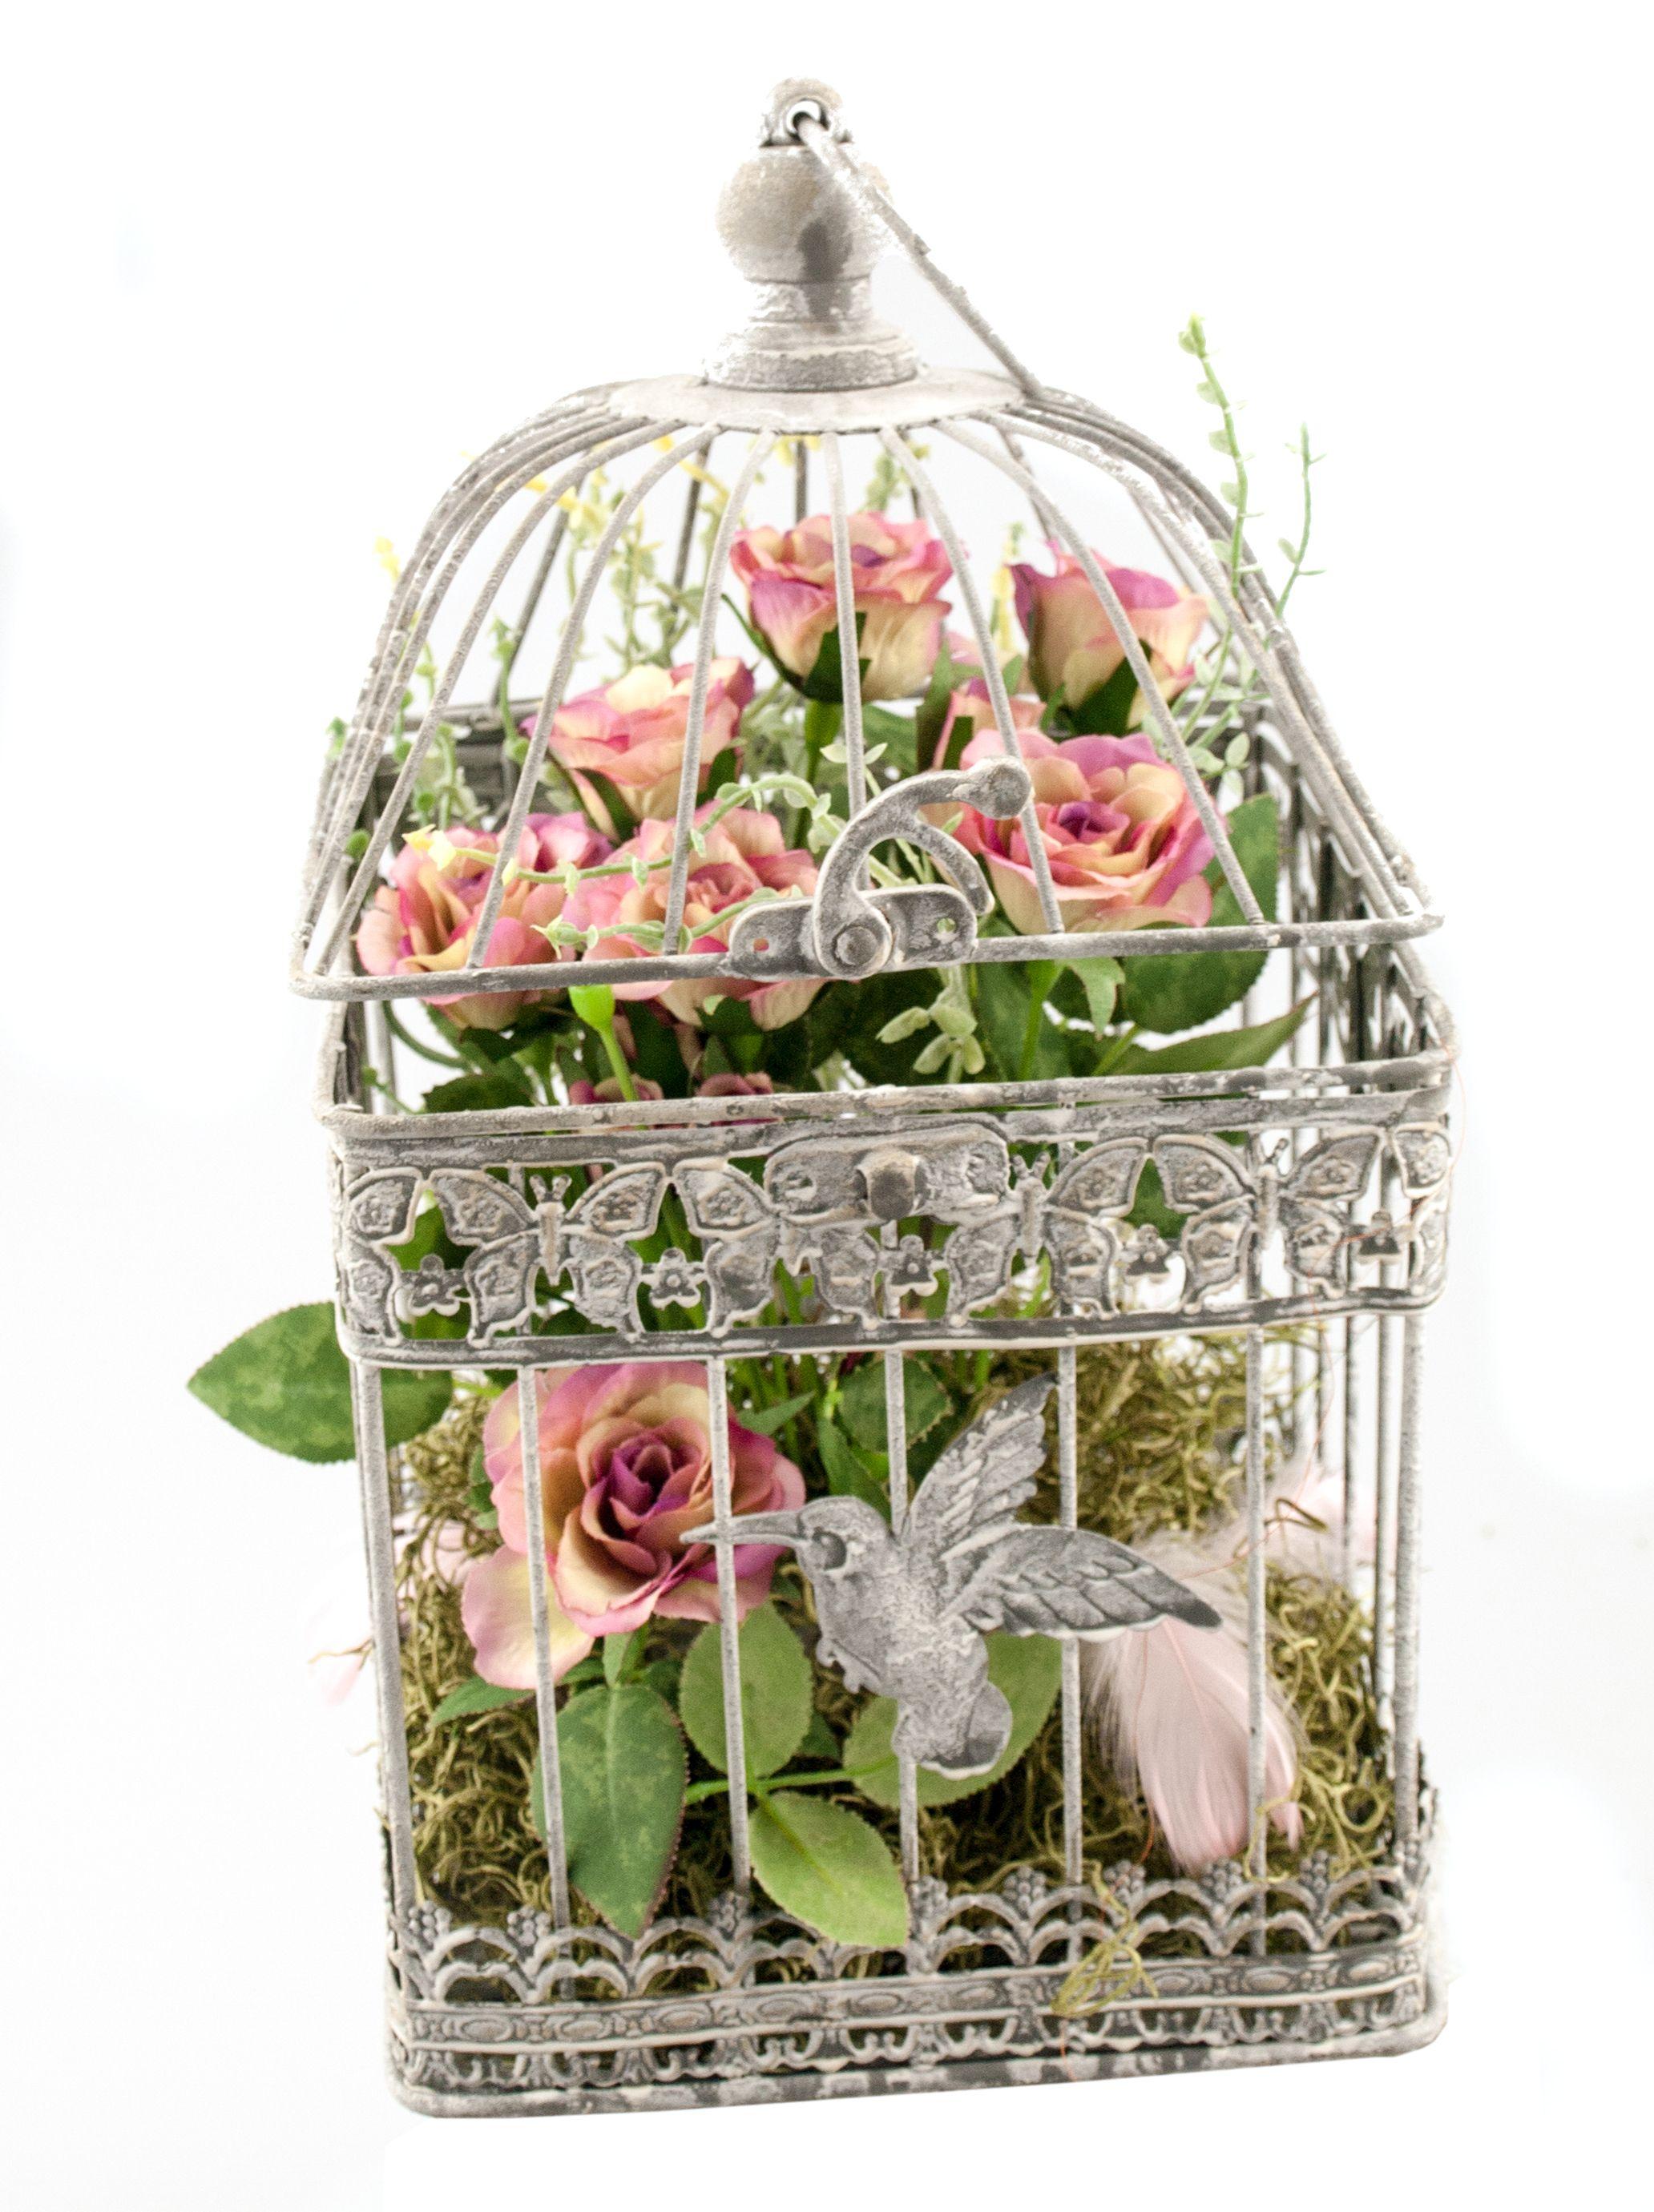 Vogelkäfige Eignen Sich Wunderbar Für Die Dekoration Mit Kunstblumen, Eine  Tolle Idee Für Eure Hochzeitsdeko